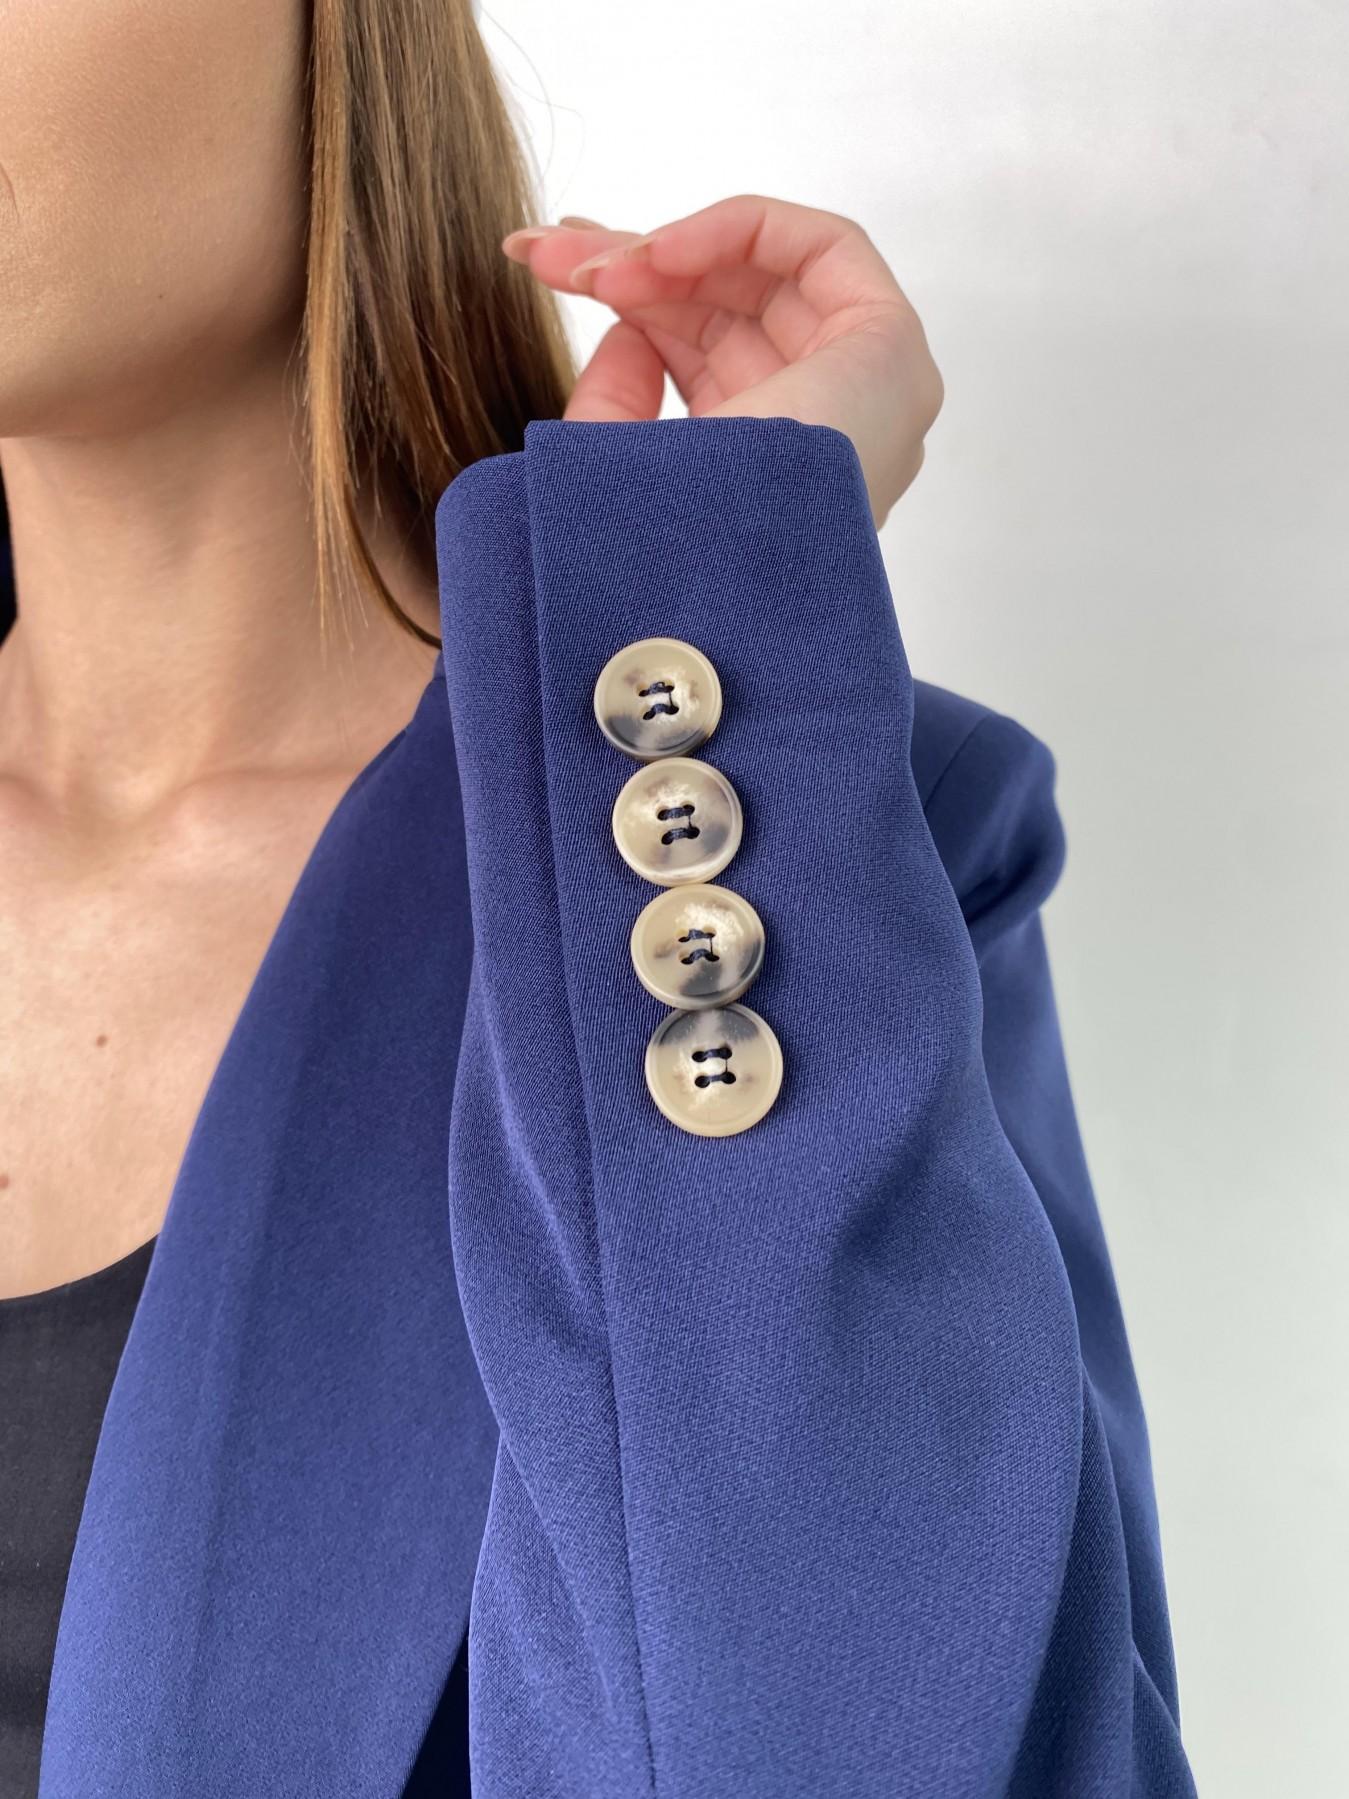 Франко костюм из костюмной ткани 11090 АРТ. 47972 Цвет: Т.синий - фото 10, интернет магазин tm-modus.ru